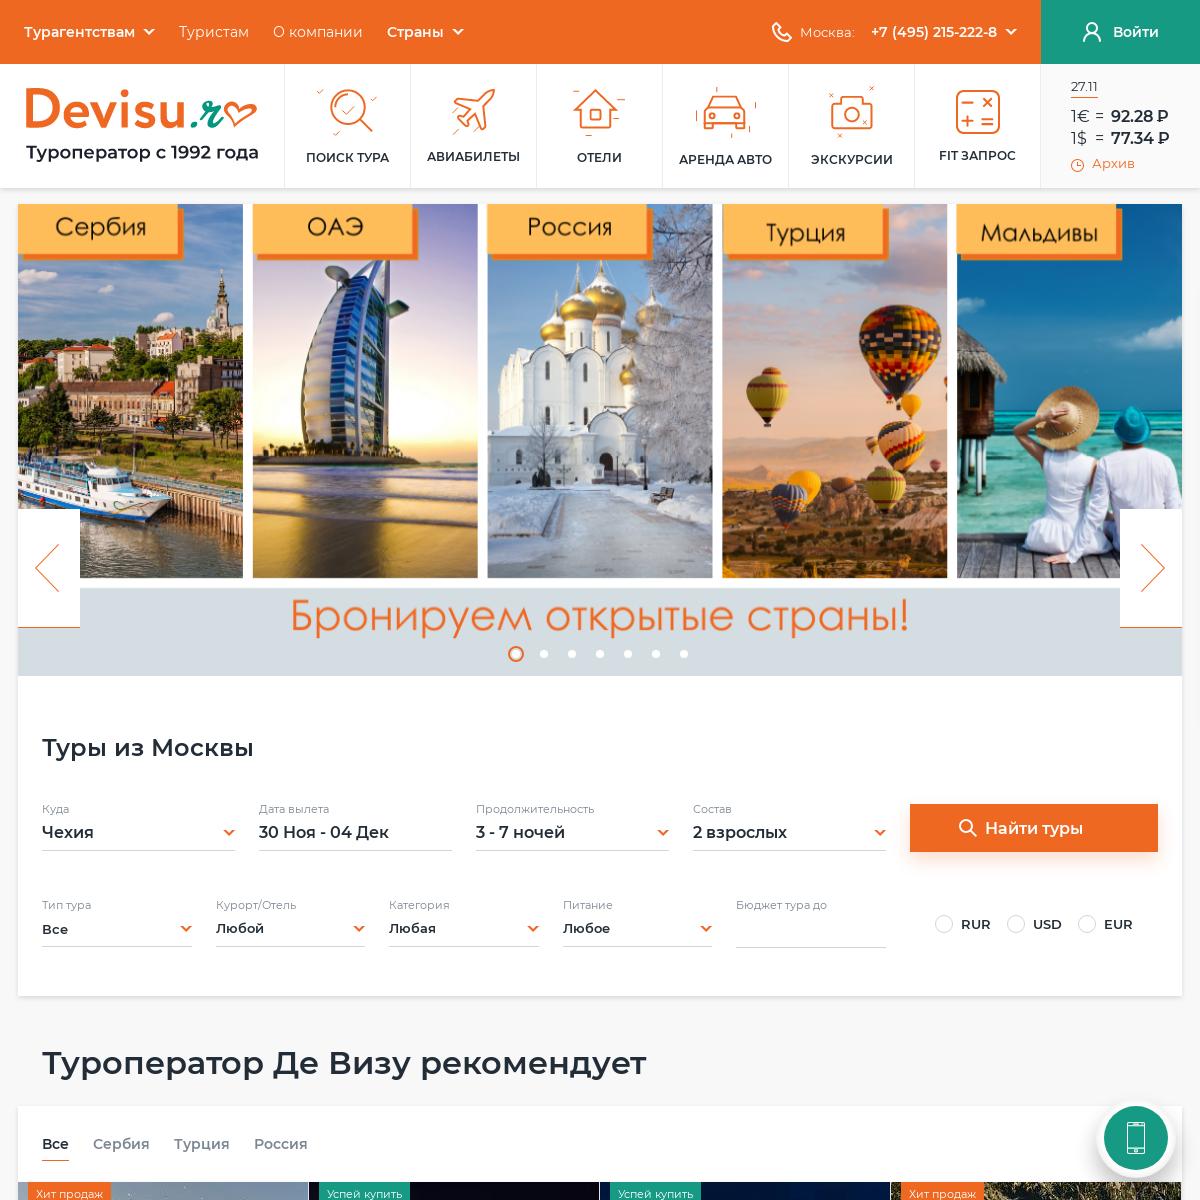 Туры из Москвы от туроператора Де Визу в 2020 году